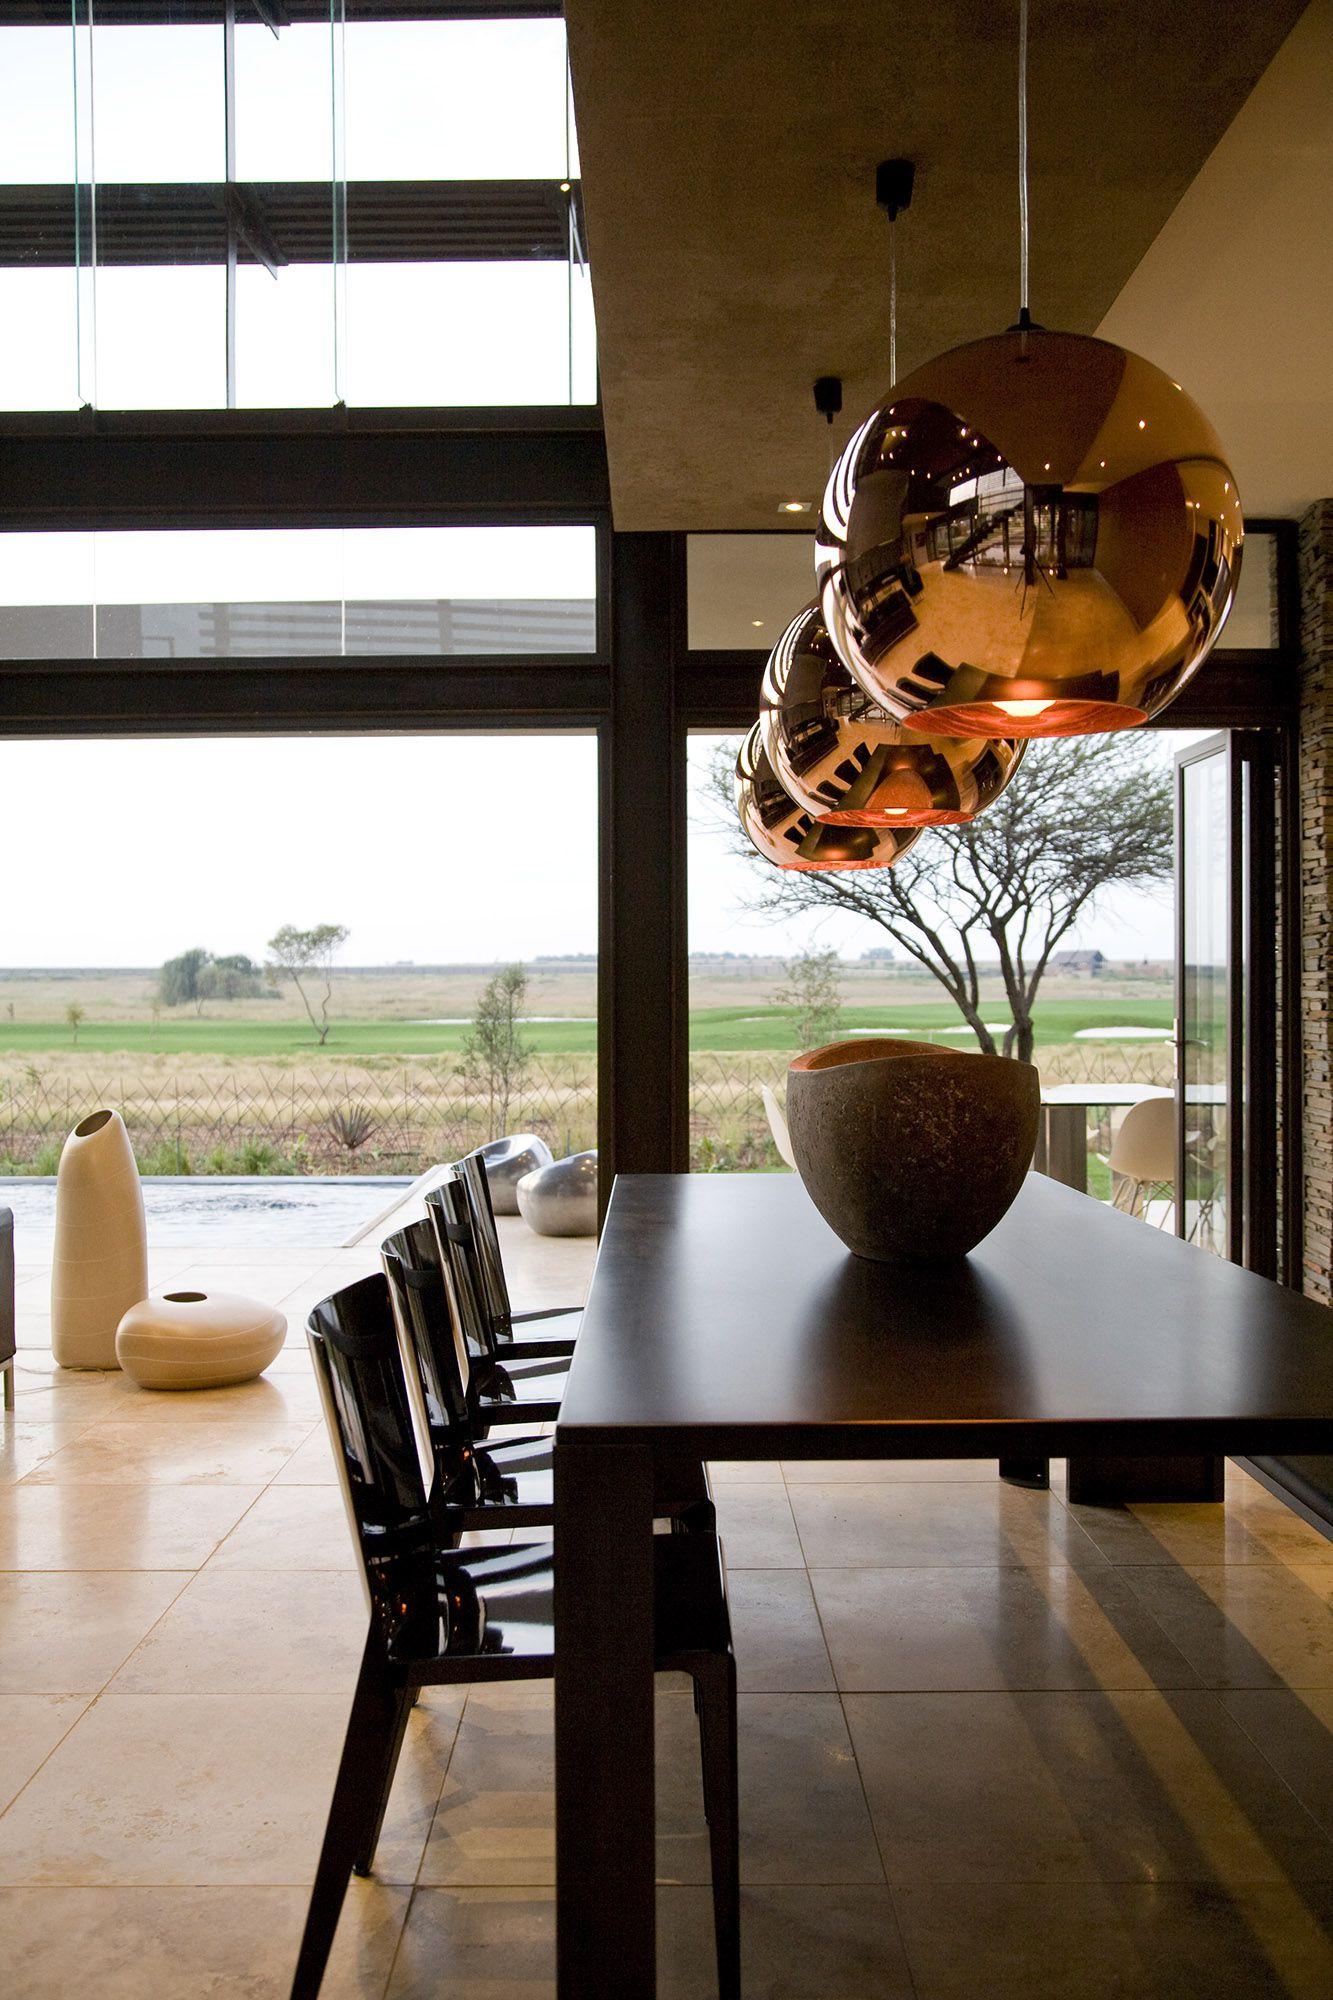 Serengeti Designed by Rudolph van der Meulen 146